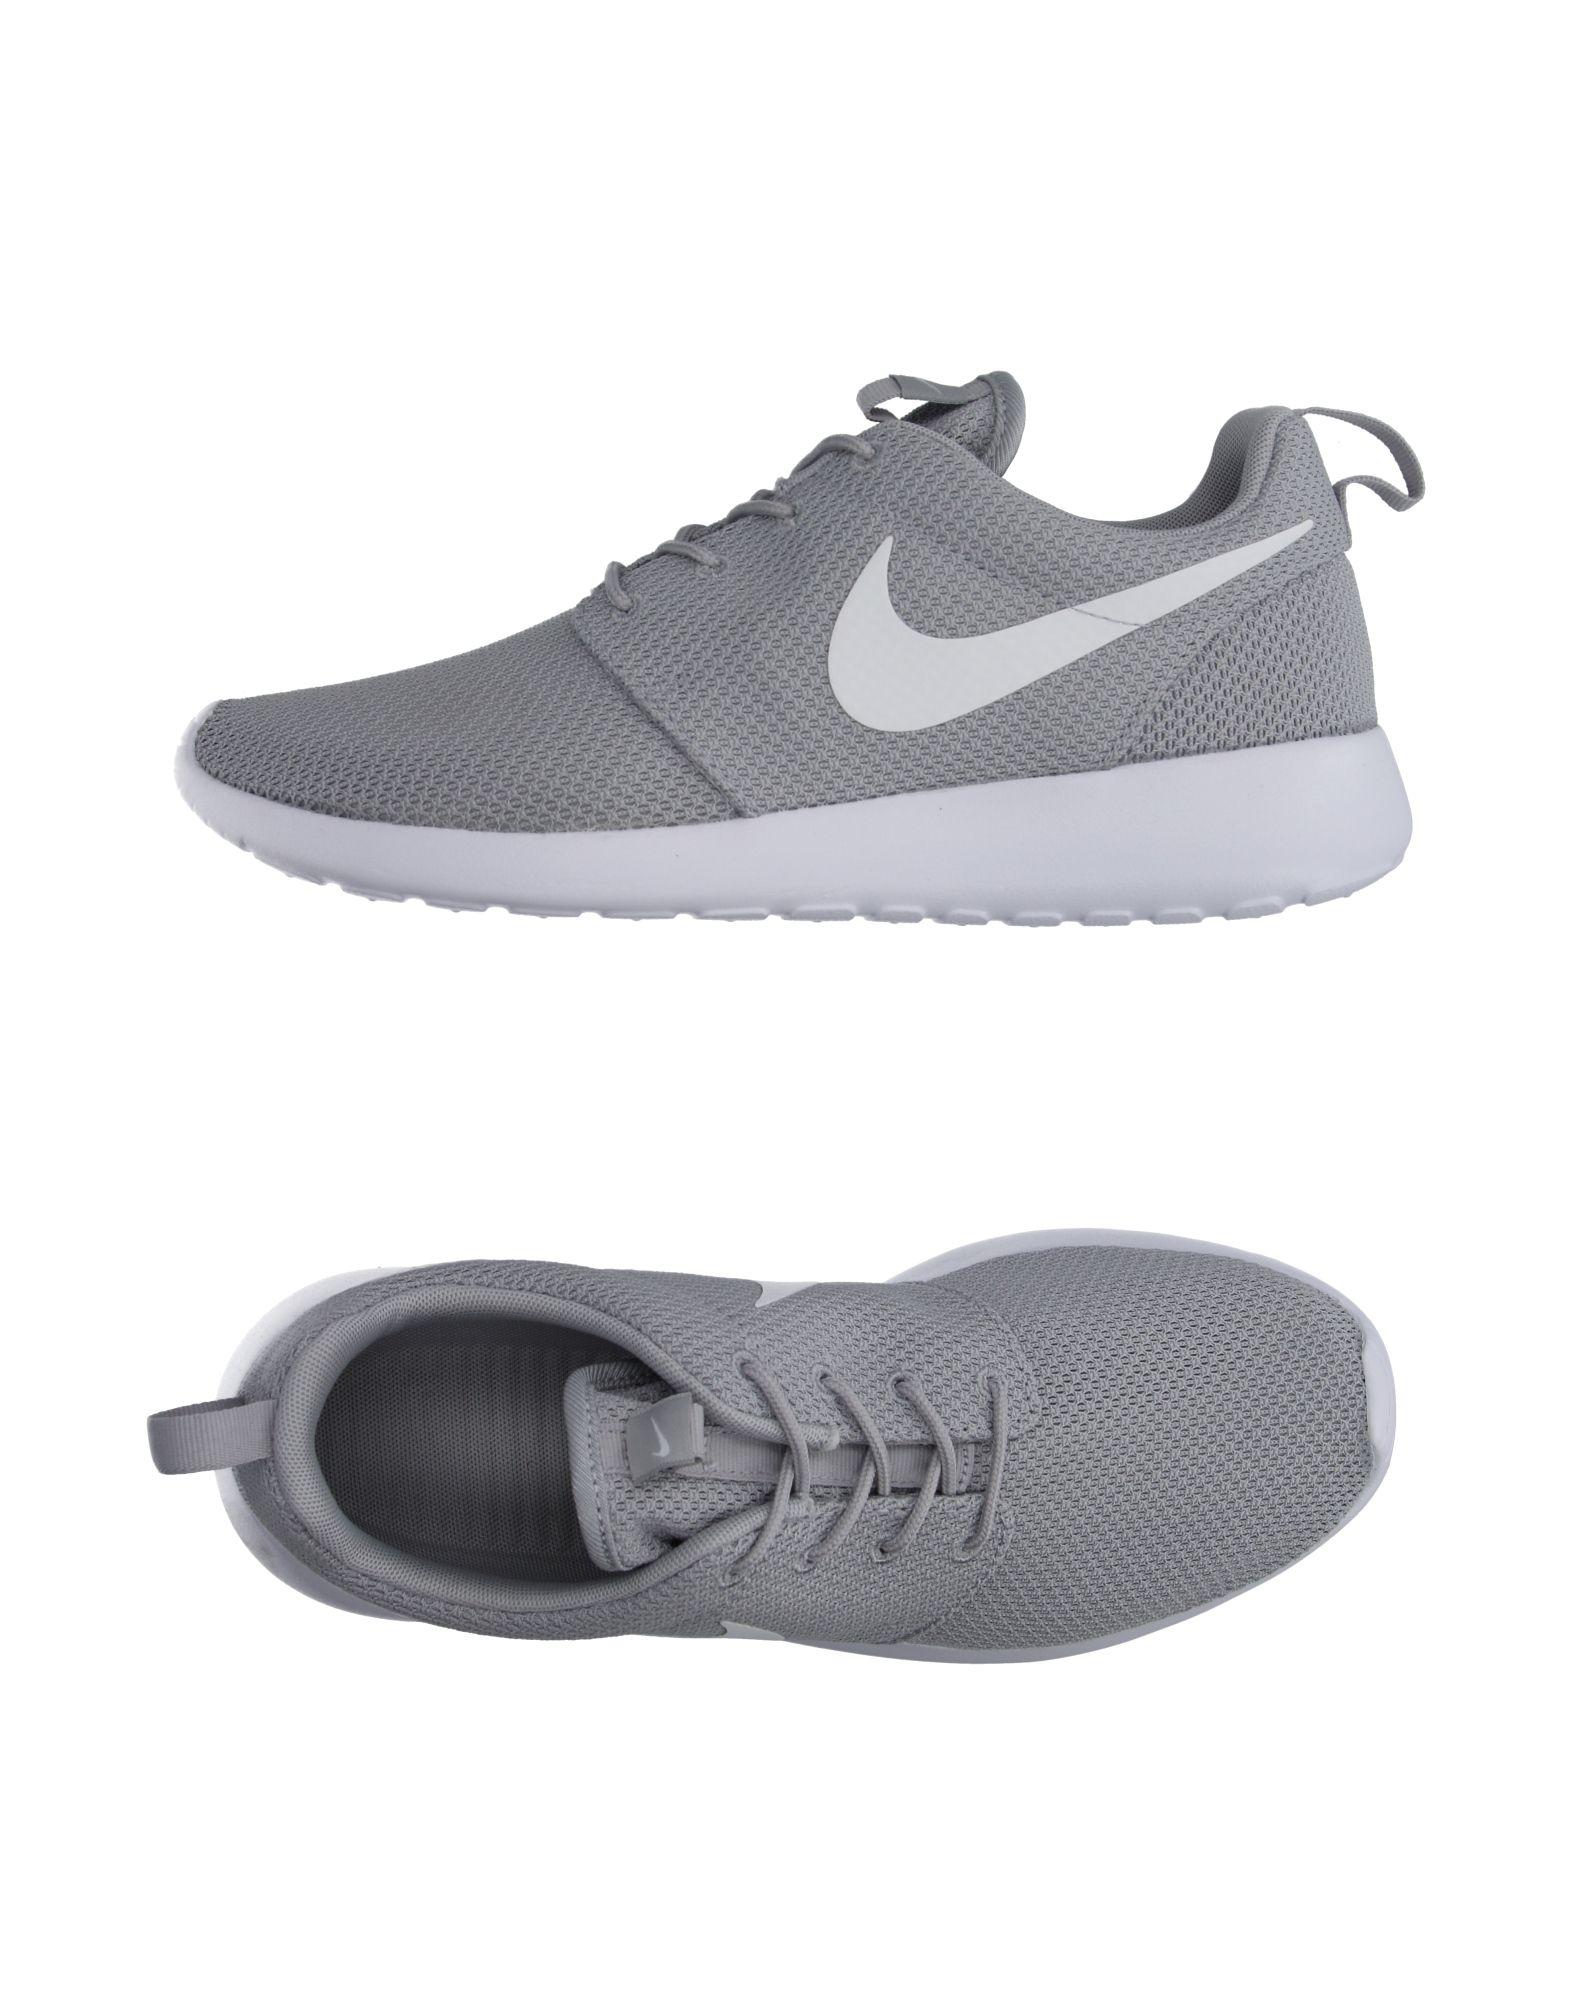 Rabatt Nike echte Schuhe Nike Rabatt Sneakers Herren  11054653EA 1e1217